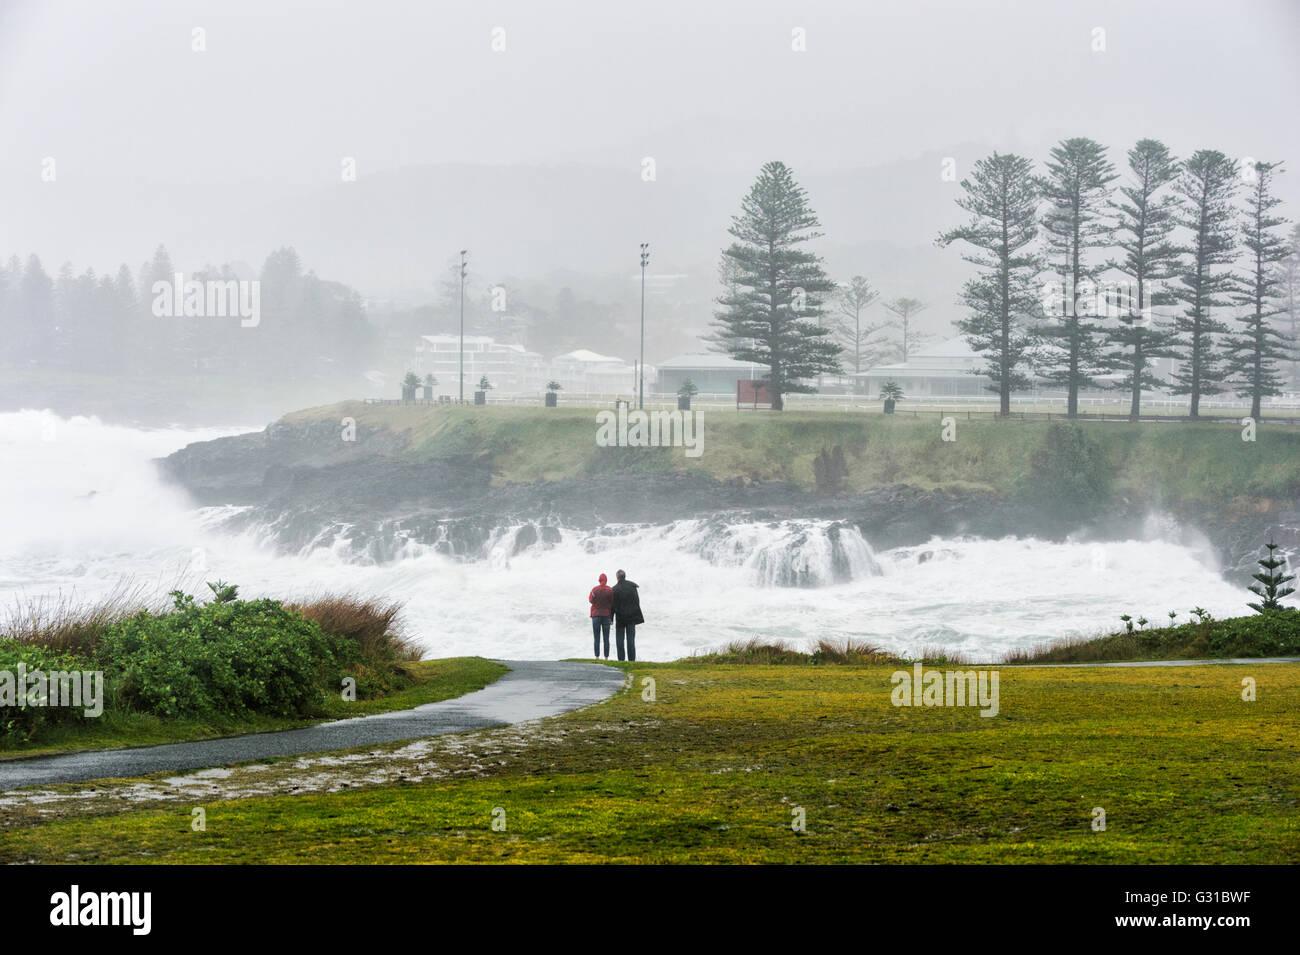 storm-bay-kiama-coastline-during-a-sever